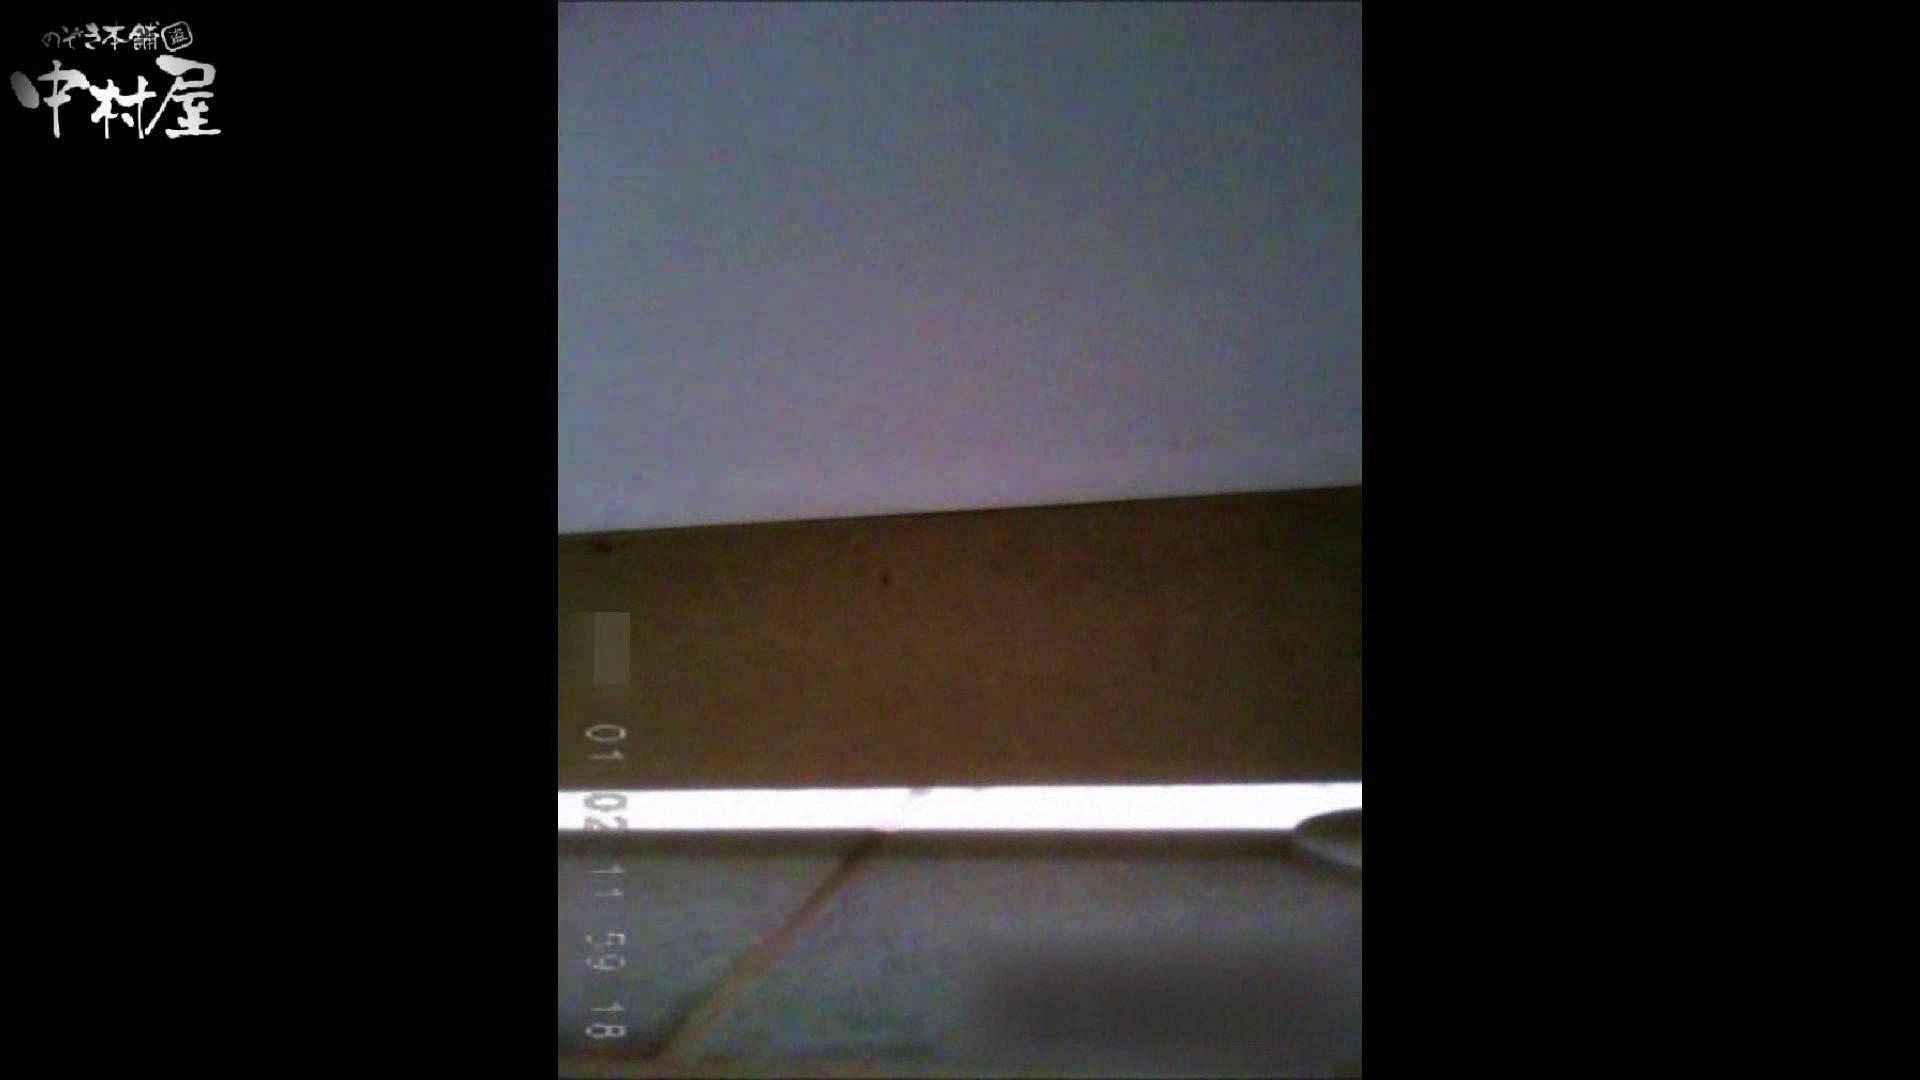 雅さんが厳選新年特別コンテンツ!激走!激走!東京マラソン選手専用女子トイレvol.6 和式 アダルト動画キャプチャ 104PIX 34